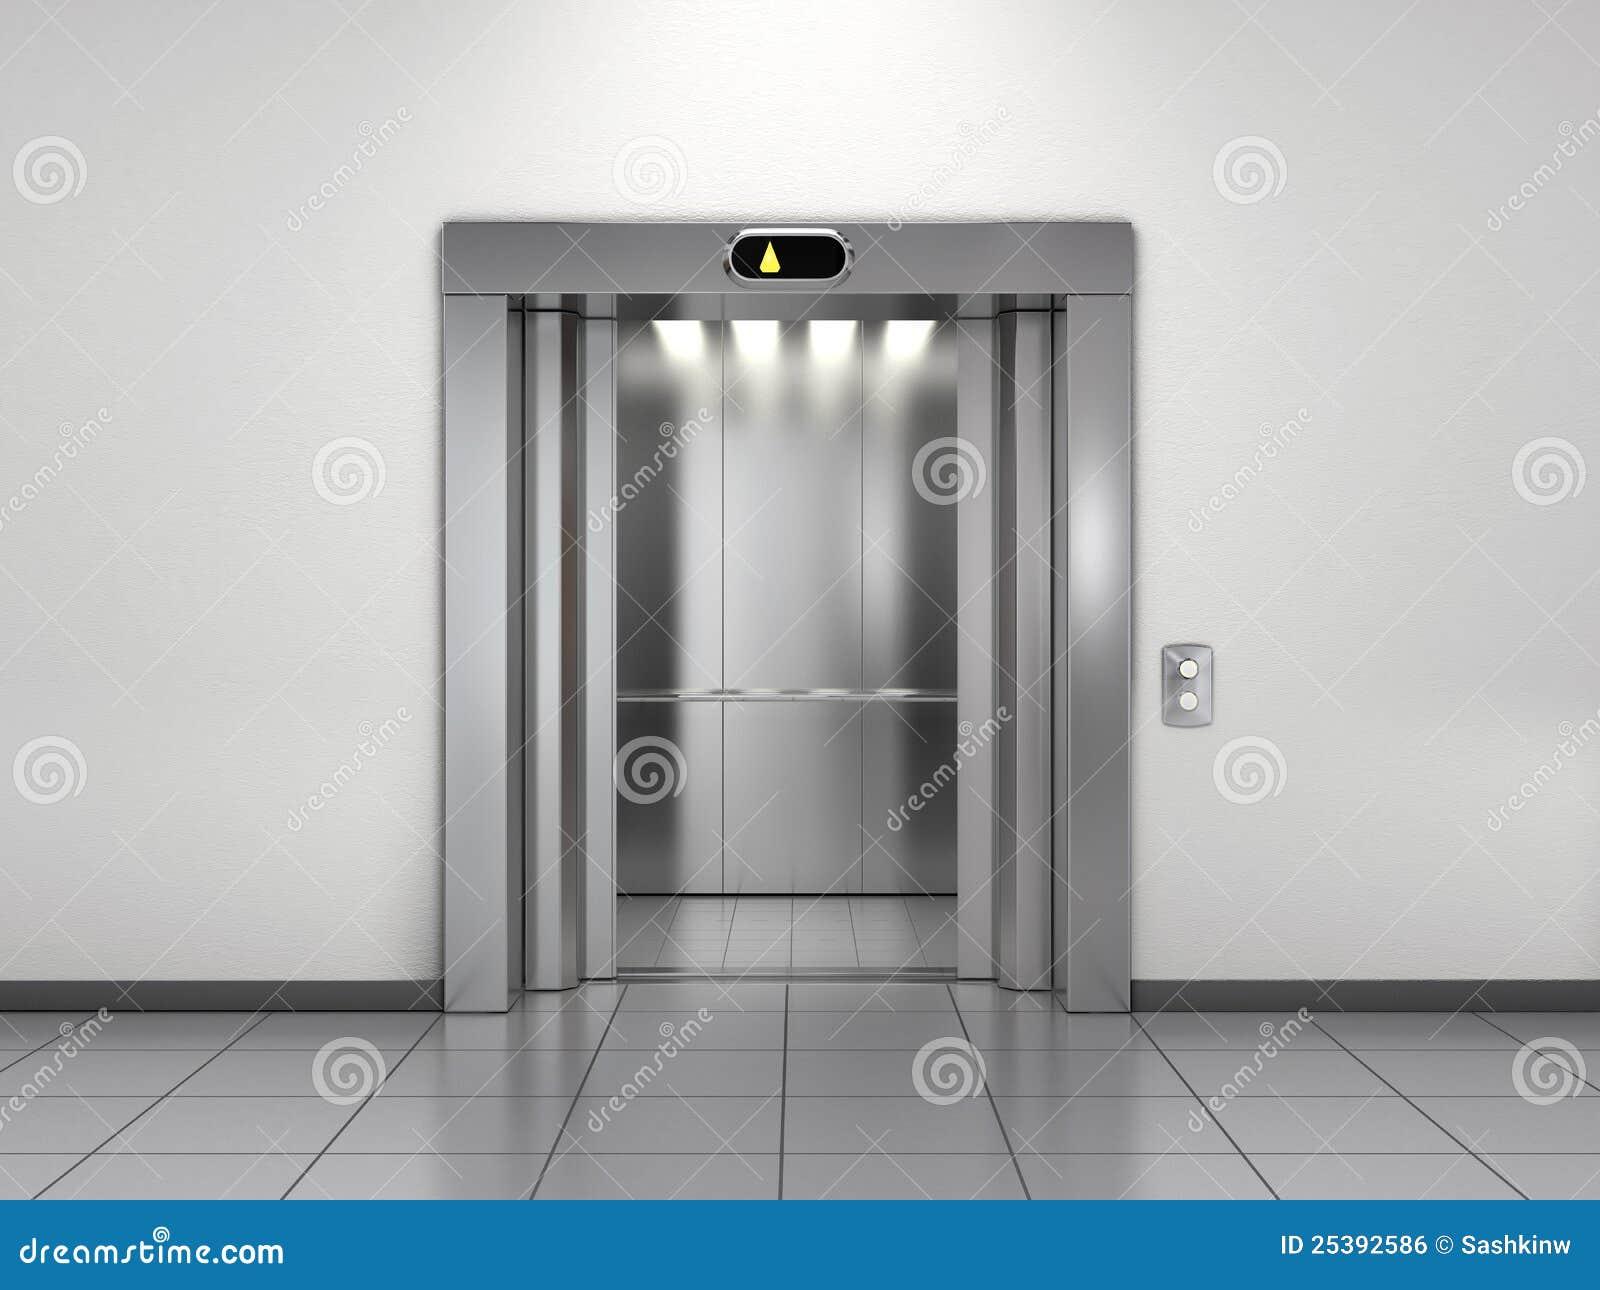 Modern elevator stock illustration illustration of hotel for Modern elevator design